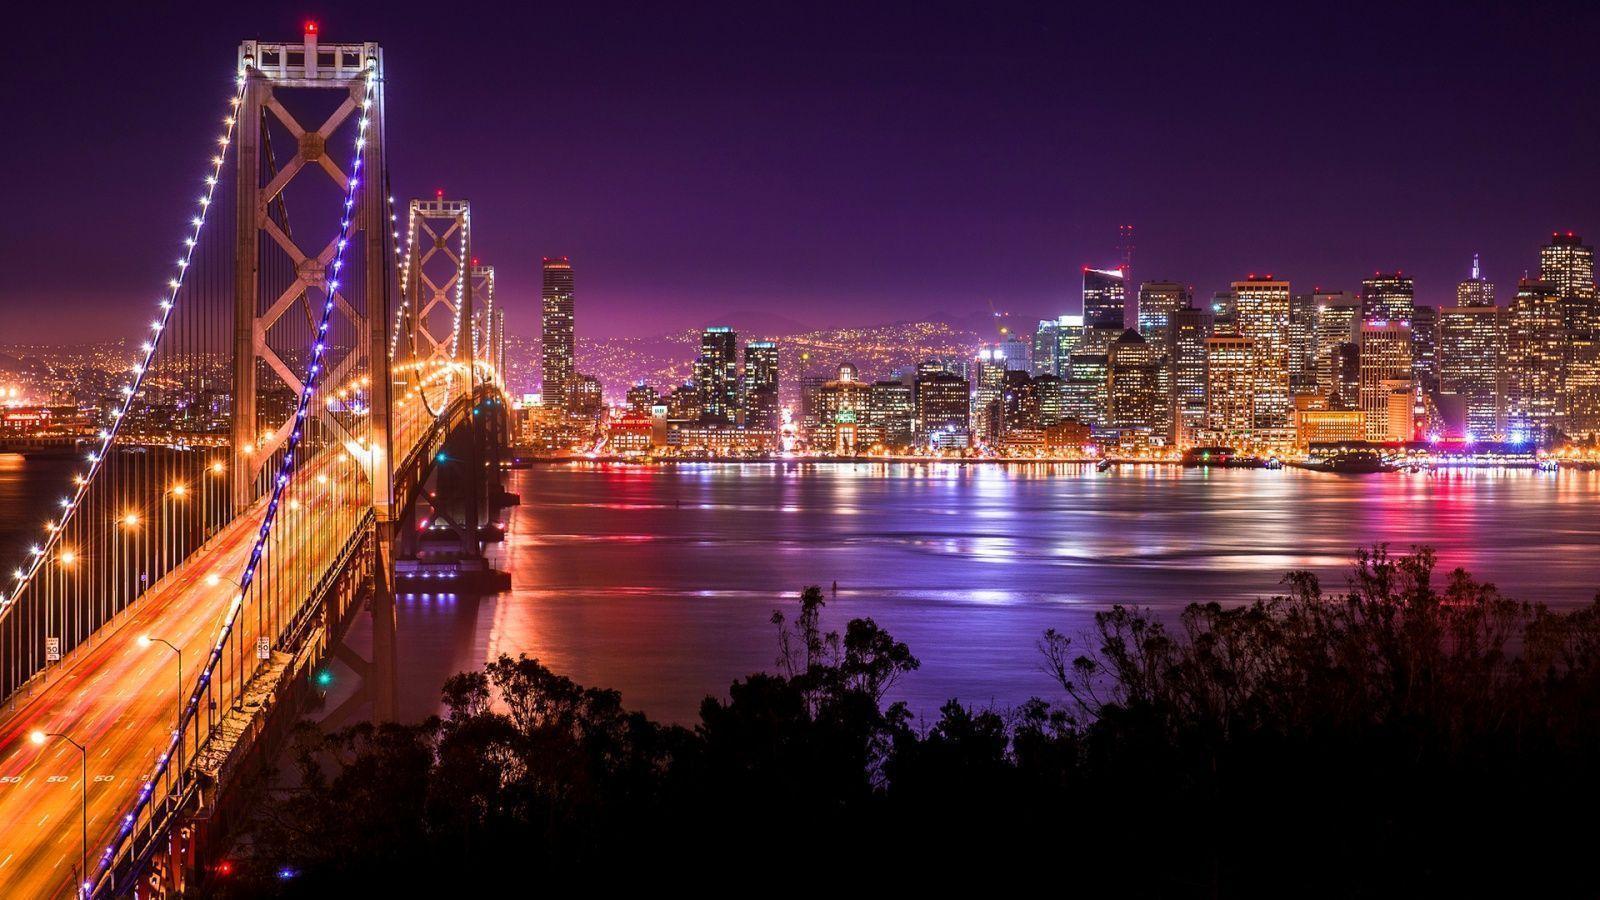 San Francisco Wallpapers HD - Wallpaper Cave